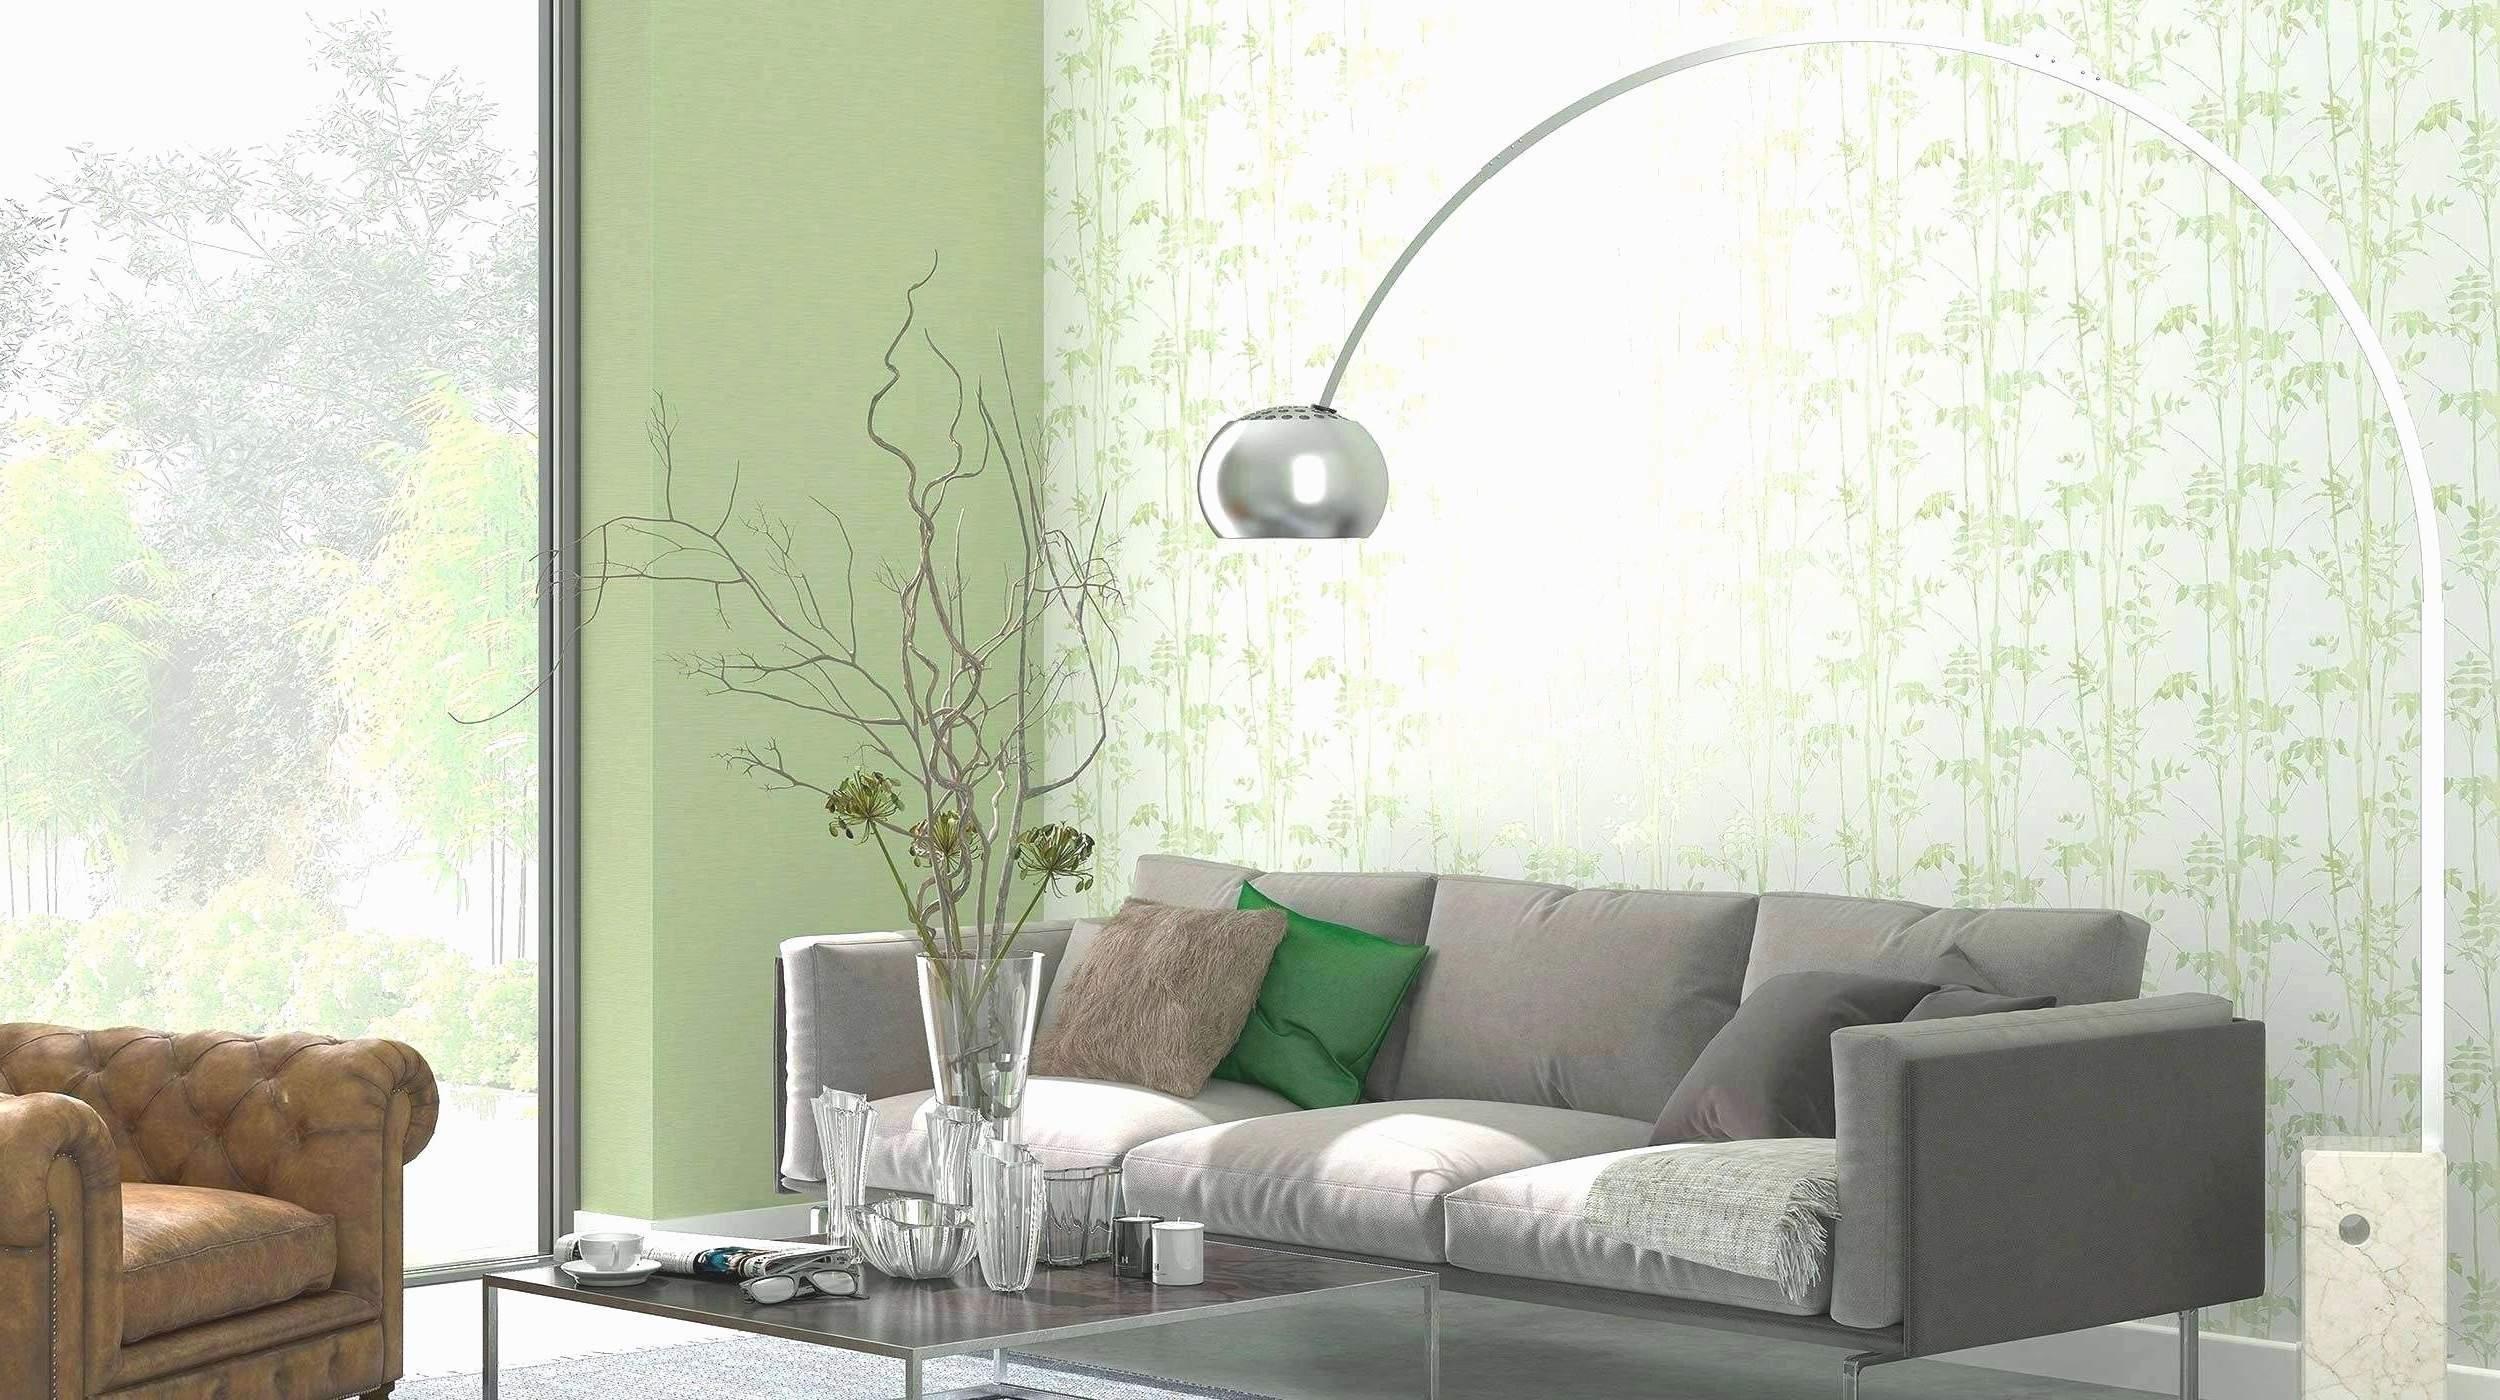 ideen wohnzimmer inspirierend wanddeko ideen wohnzimmer design sie mussen sehen of ideen wohnzimmer